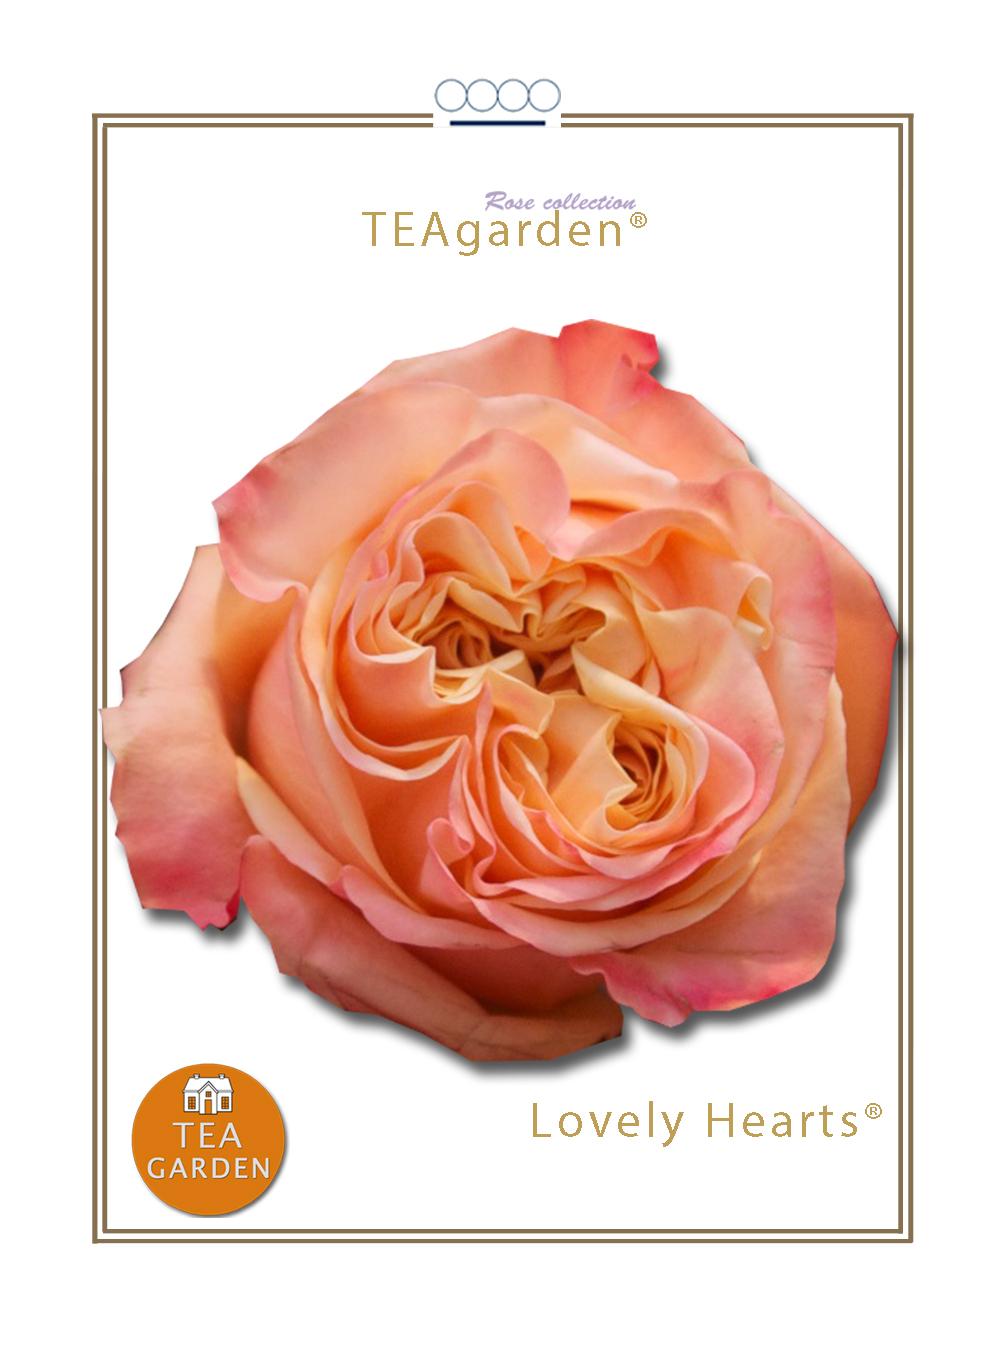 Lovely Hearts®